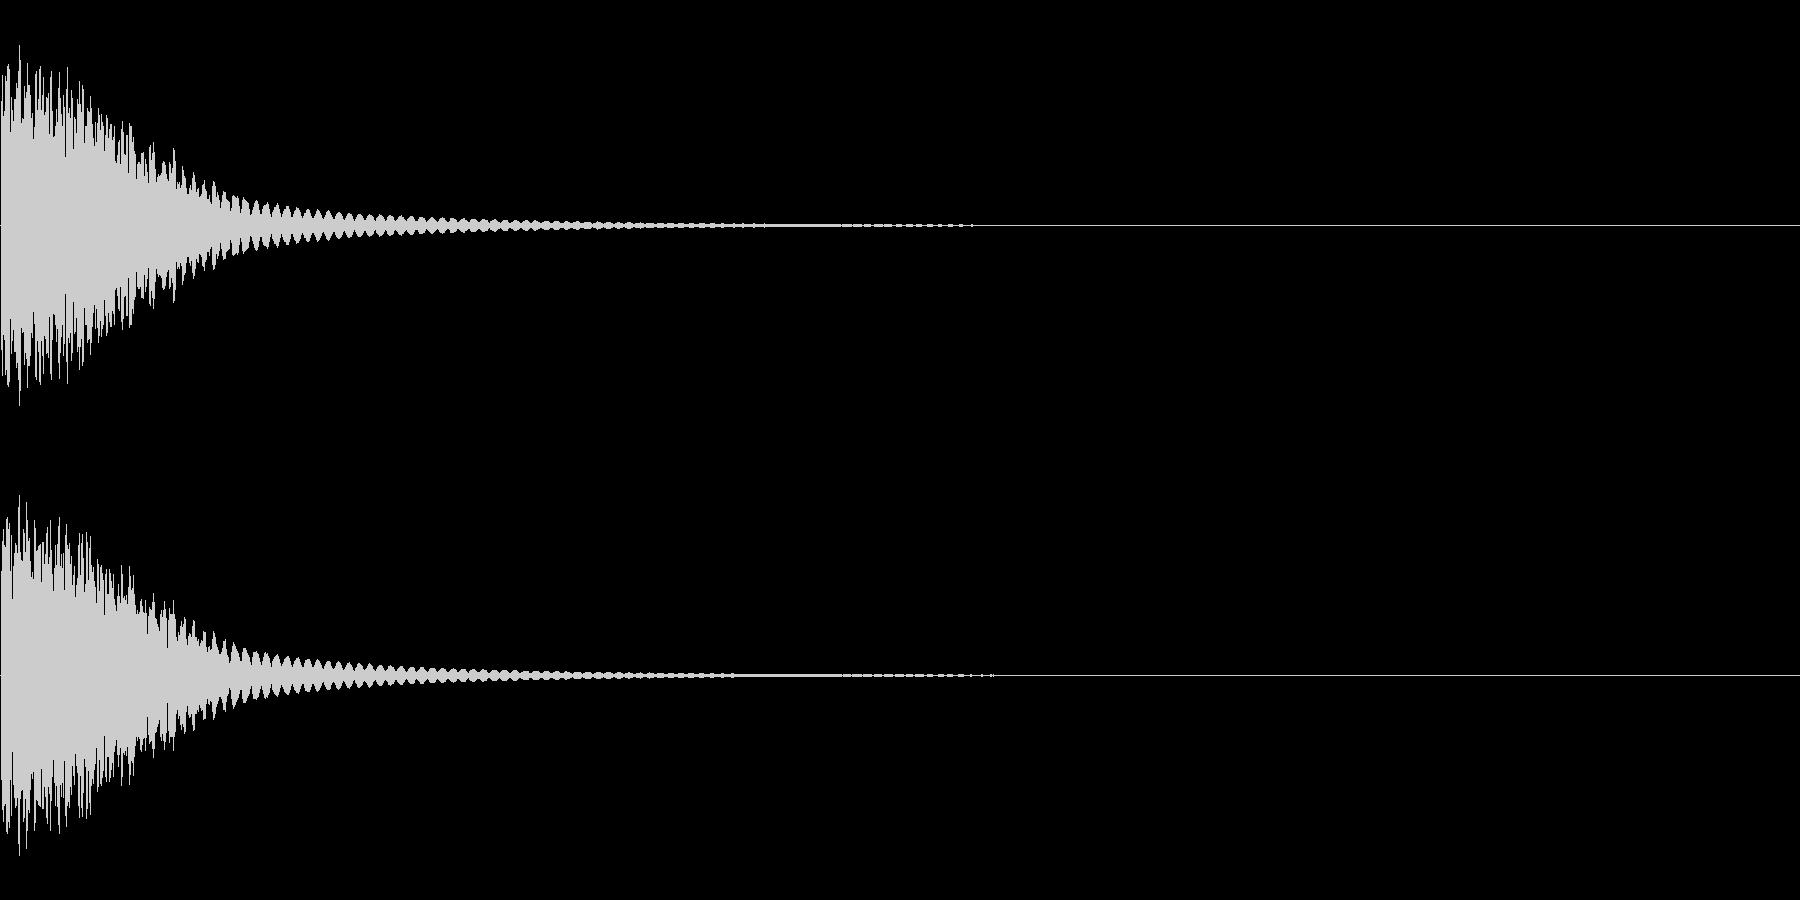 ピーン1 発想する 思い浮かぶ 注釈 の未再生の波形